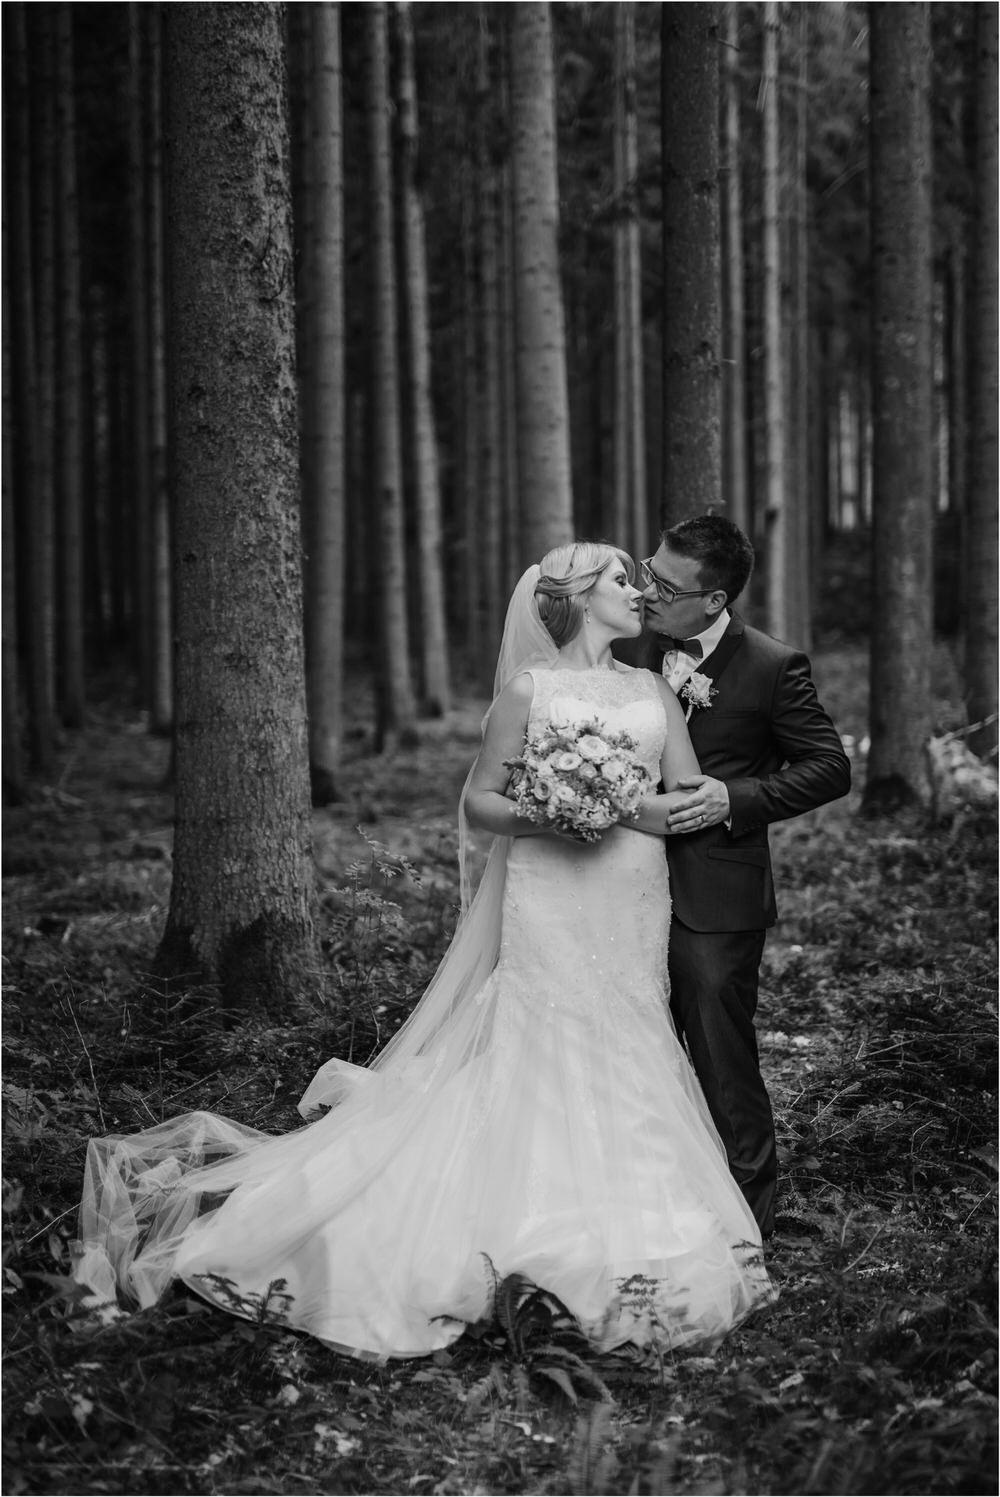 tuscany italy wedding photographer croatia austria france ireland lake bled engagement wedding porocni fotograf 0041.jpg